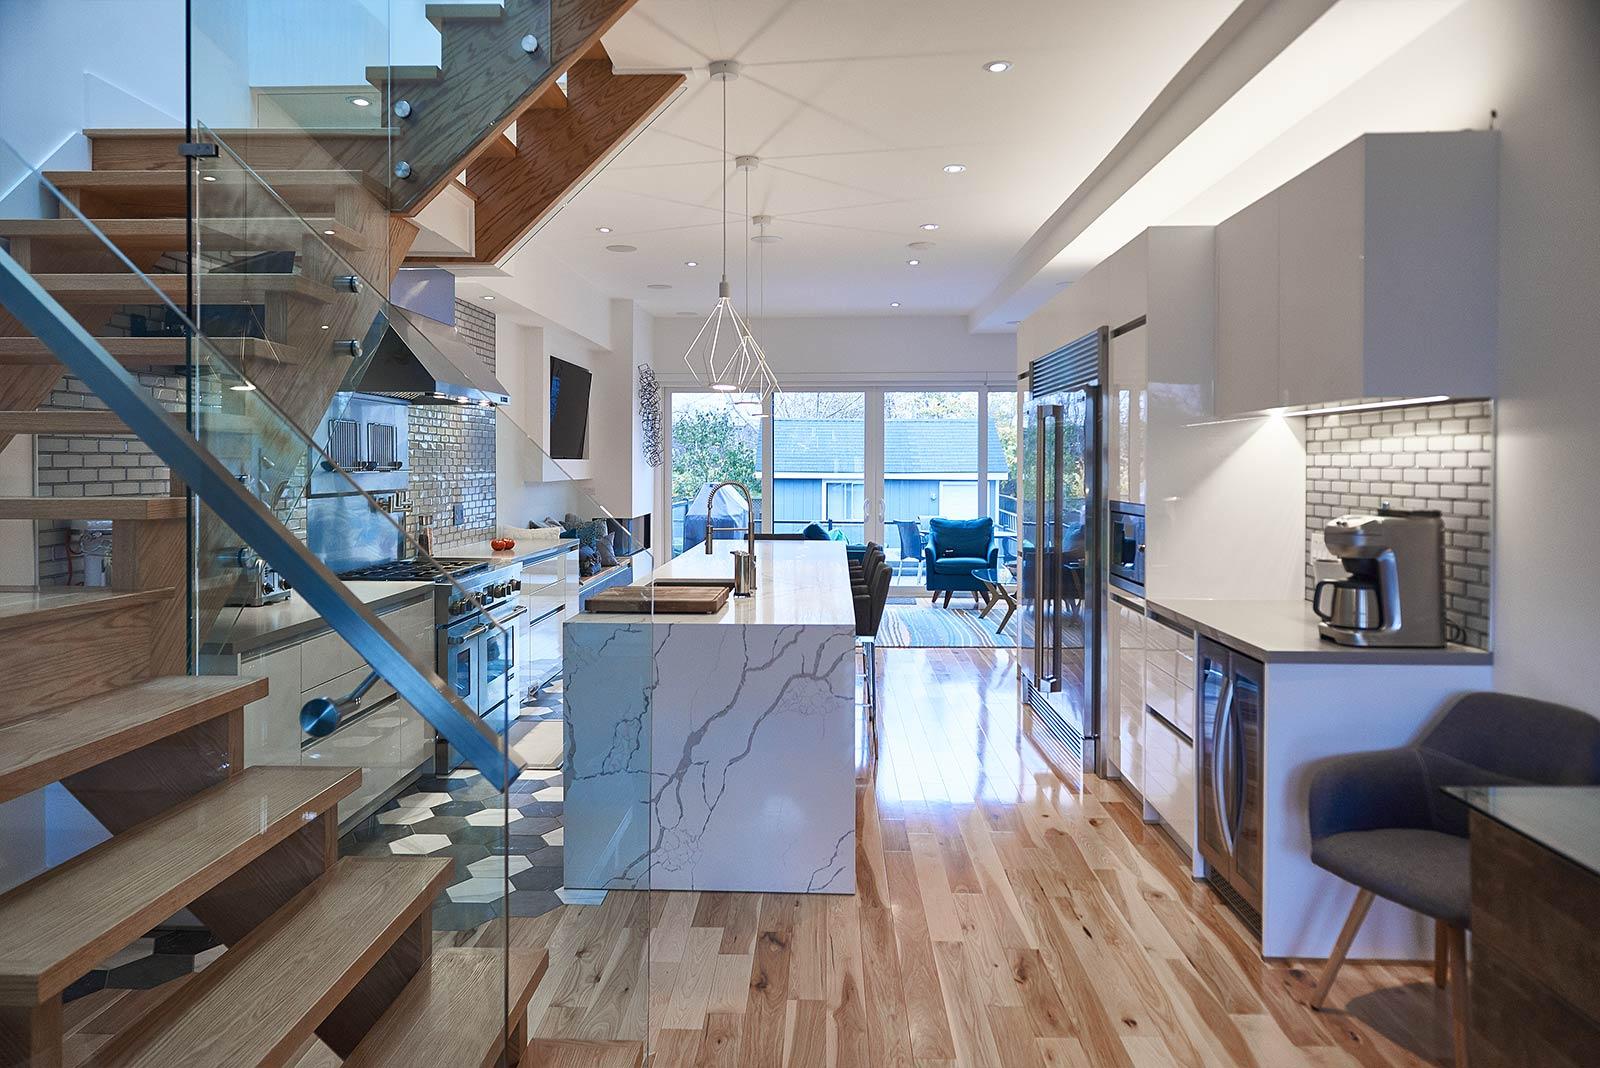 White Cabinets, Quartz Countertop, Pro Appliances for Chef Kitchen in Toronto